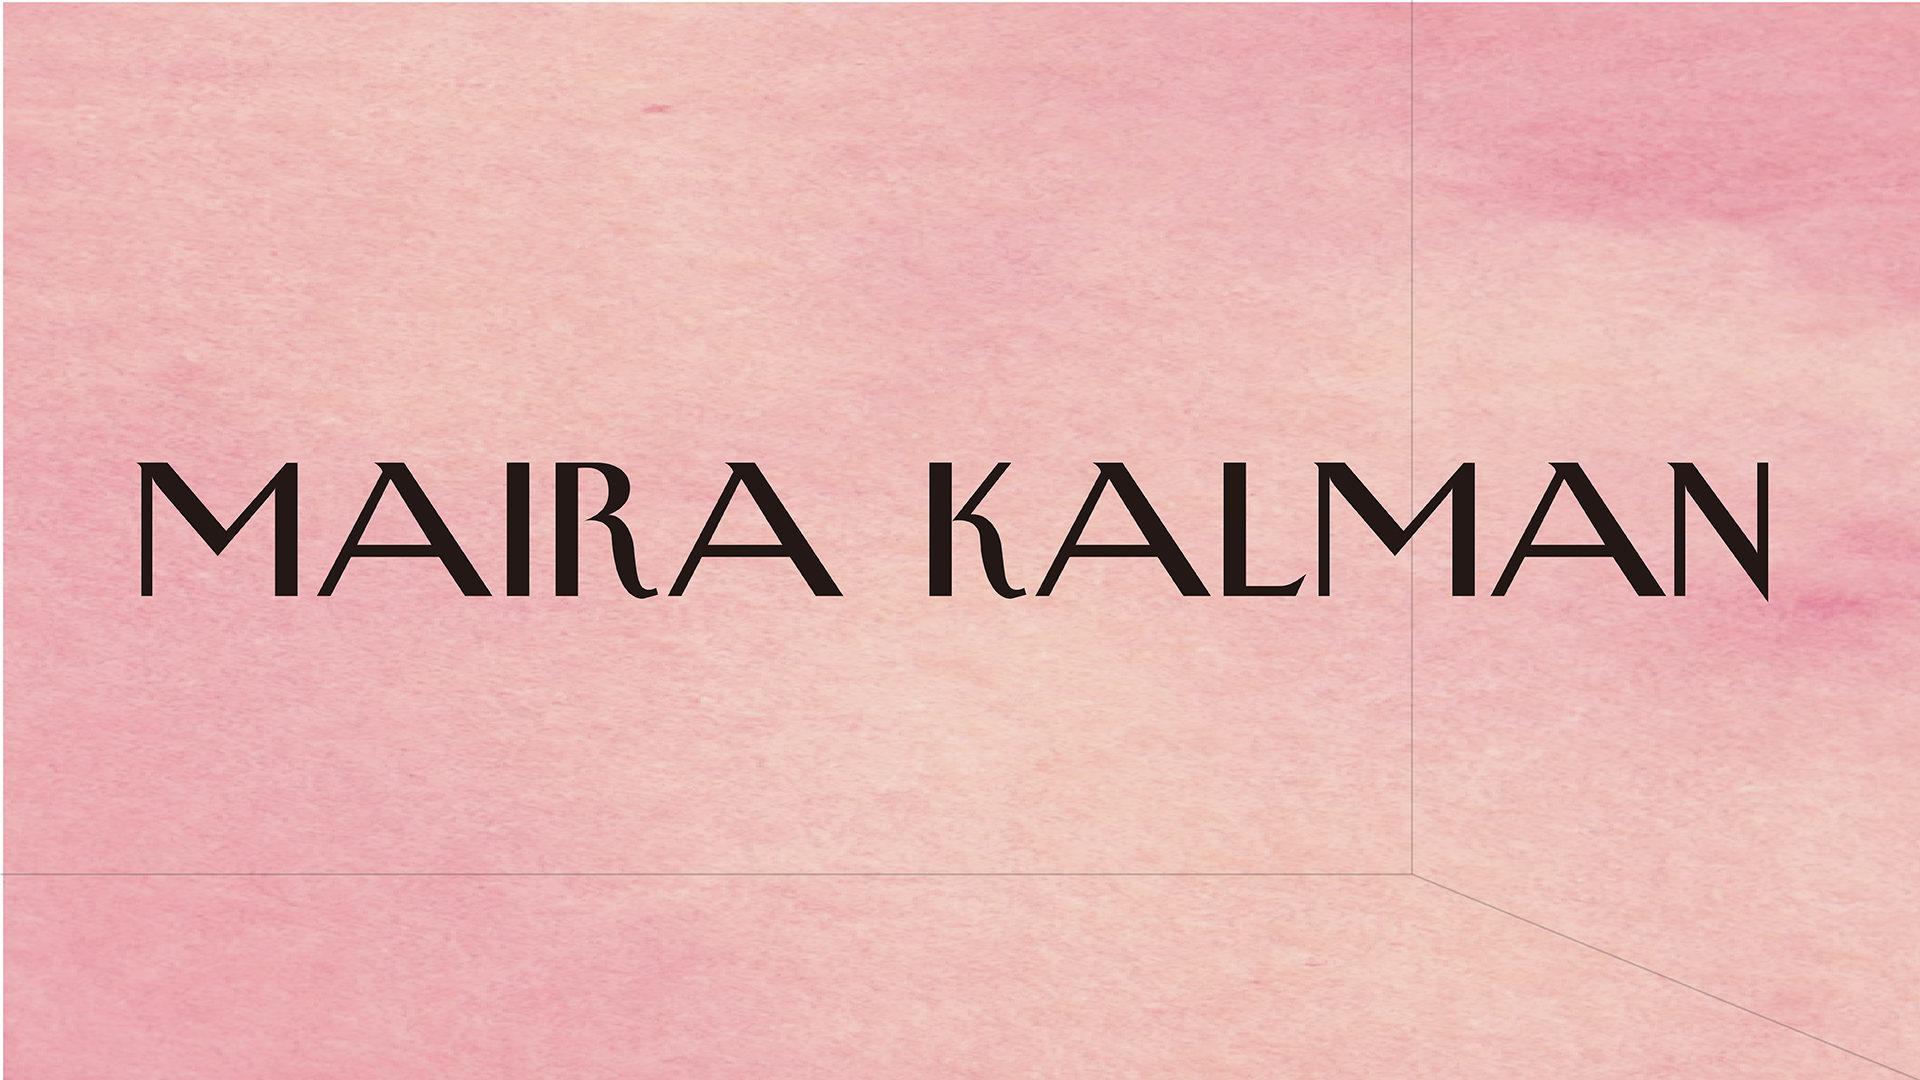 Maria Kalman lecture announcement